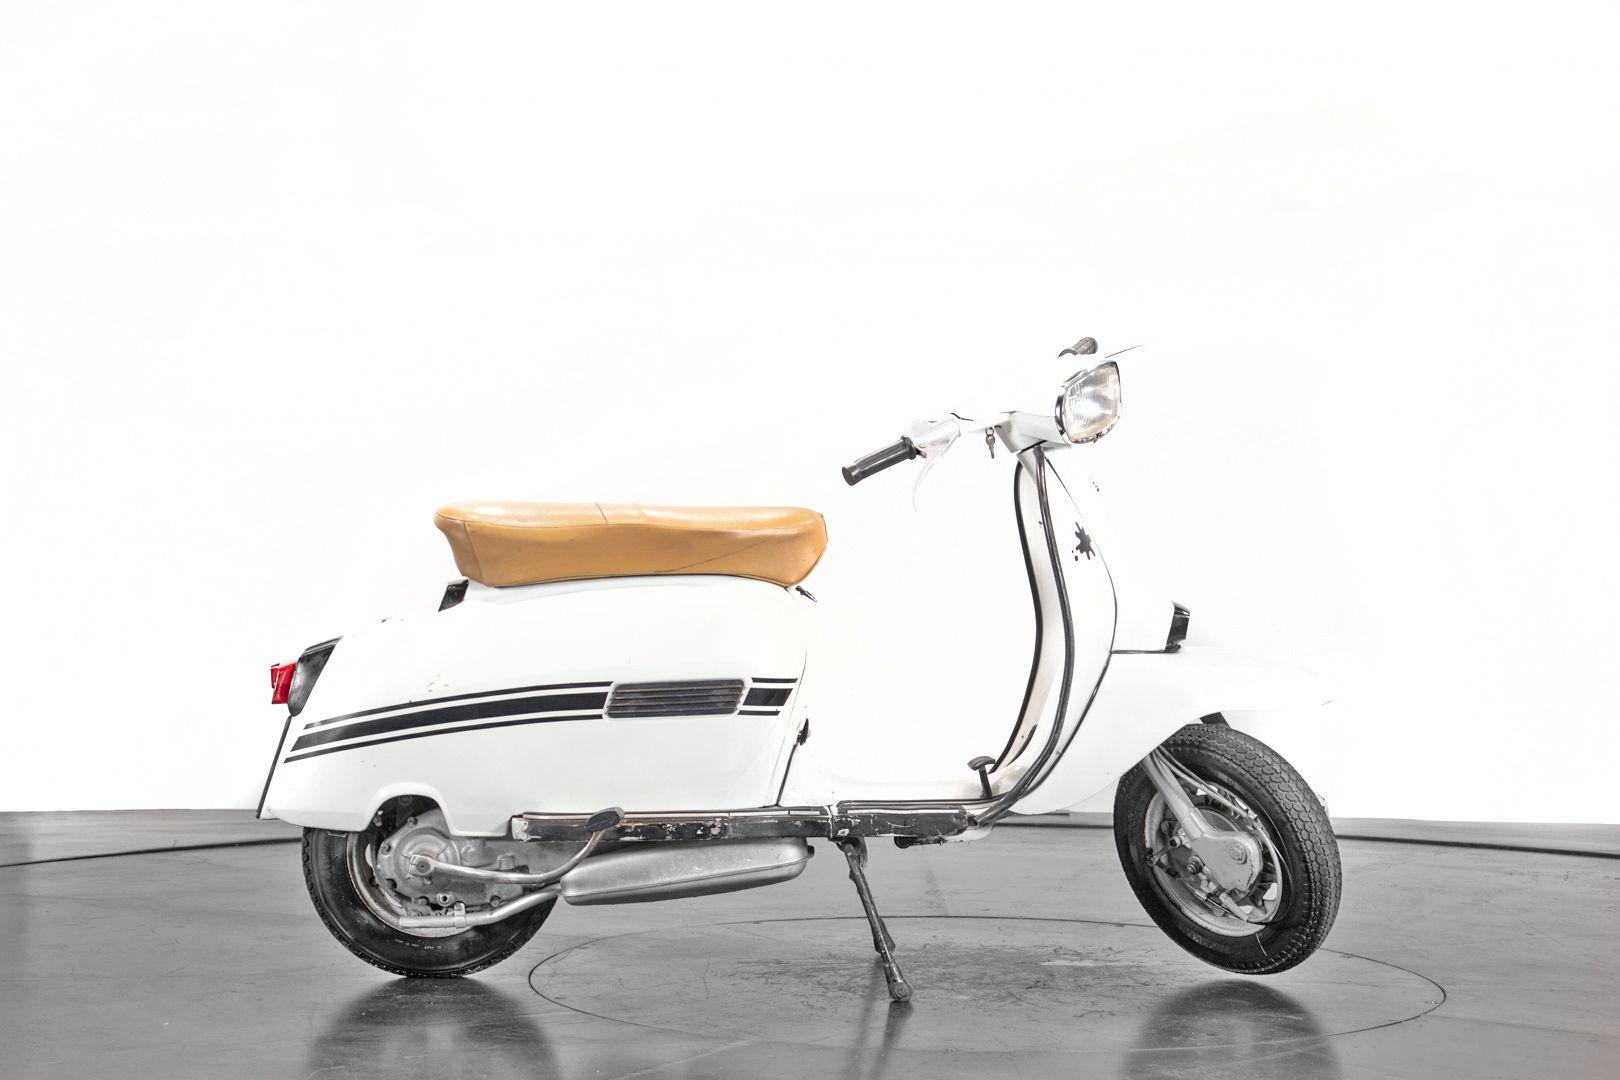 1970 Innocenti Lambretta 150 DL 38647